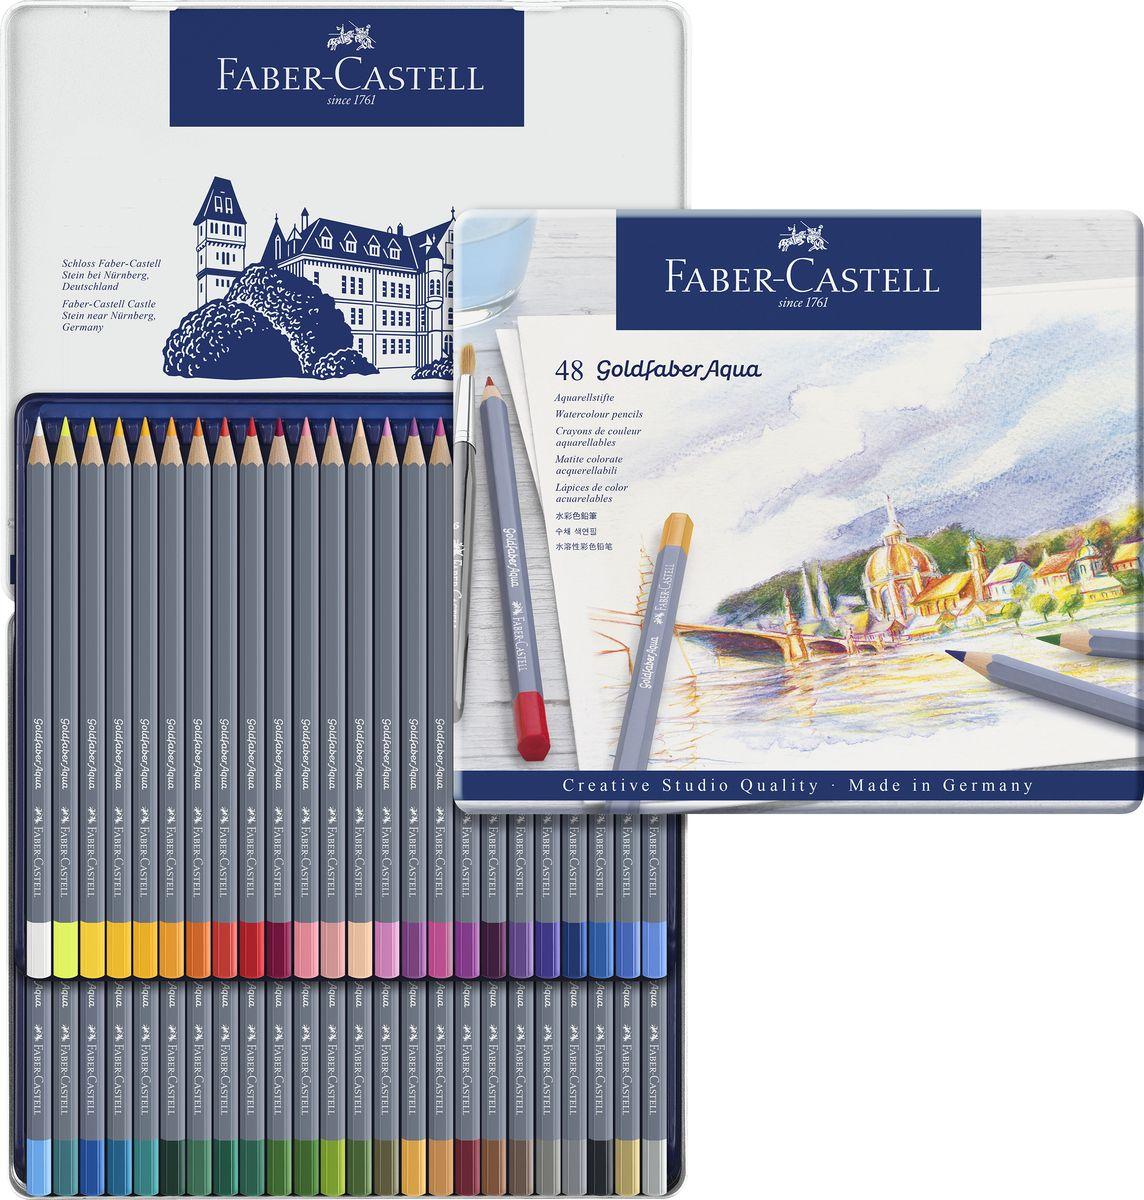 Faber-Castell Набор цветных акварельных карандашей Goldfaber Aqua 48 цветов114648Акварельные карандашиGoldfaberAquaотFaber-Castellподойдут как для любителей, так и для профессионалов. Утолщенный грифель (3,3 мм) не только увеличивает срок службы карандаша, но и позволяет закрашивать большие пространства. Грифель насыщен яркими пигментами и полностью размывается водой. Ключевой особенностью карандашейFaber-Castell является мягкий грифель, который не царапает поверхность бумаги, а ложится плавным слоем, создавая все необходимые условия дляэкспериментовсо смешением оттенков. Это позволяет создавать полные жизни и красок рисунки. Карандаши обладают высоким уровнем светостойкости и не выцветают на солнце или под искусственным освещением. Упаковка: металлическая коробка, 48 шт. Сделано в Германии.